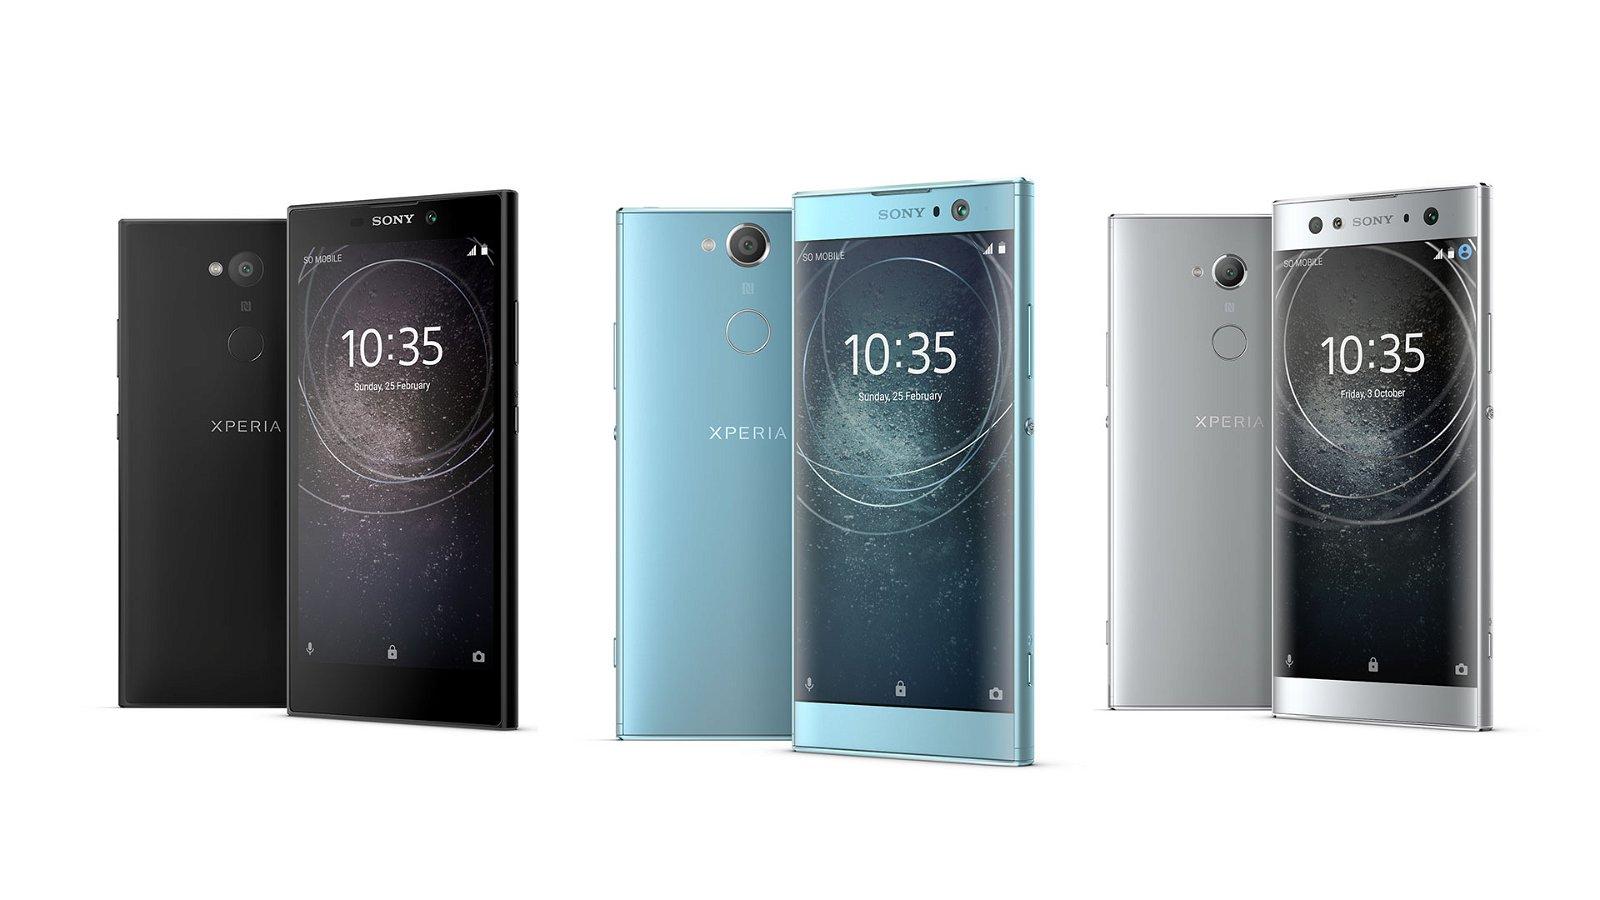 Sony Reveals Three New Smartphones